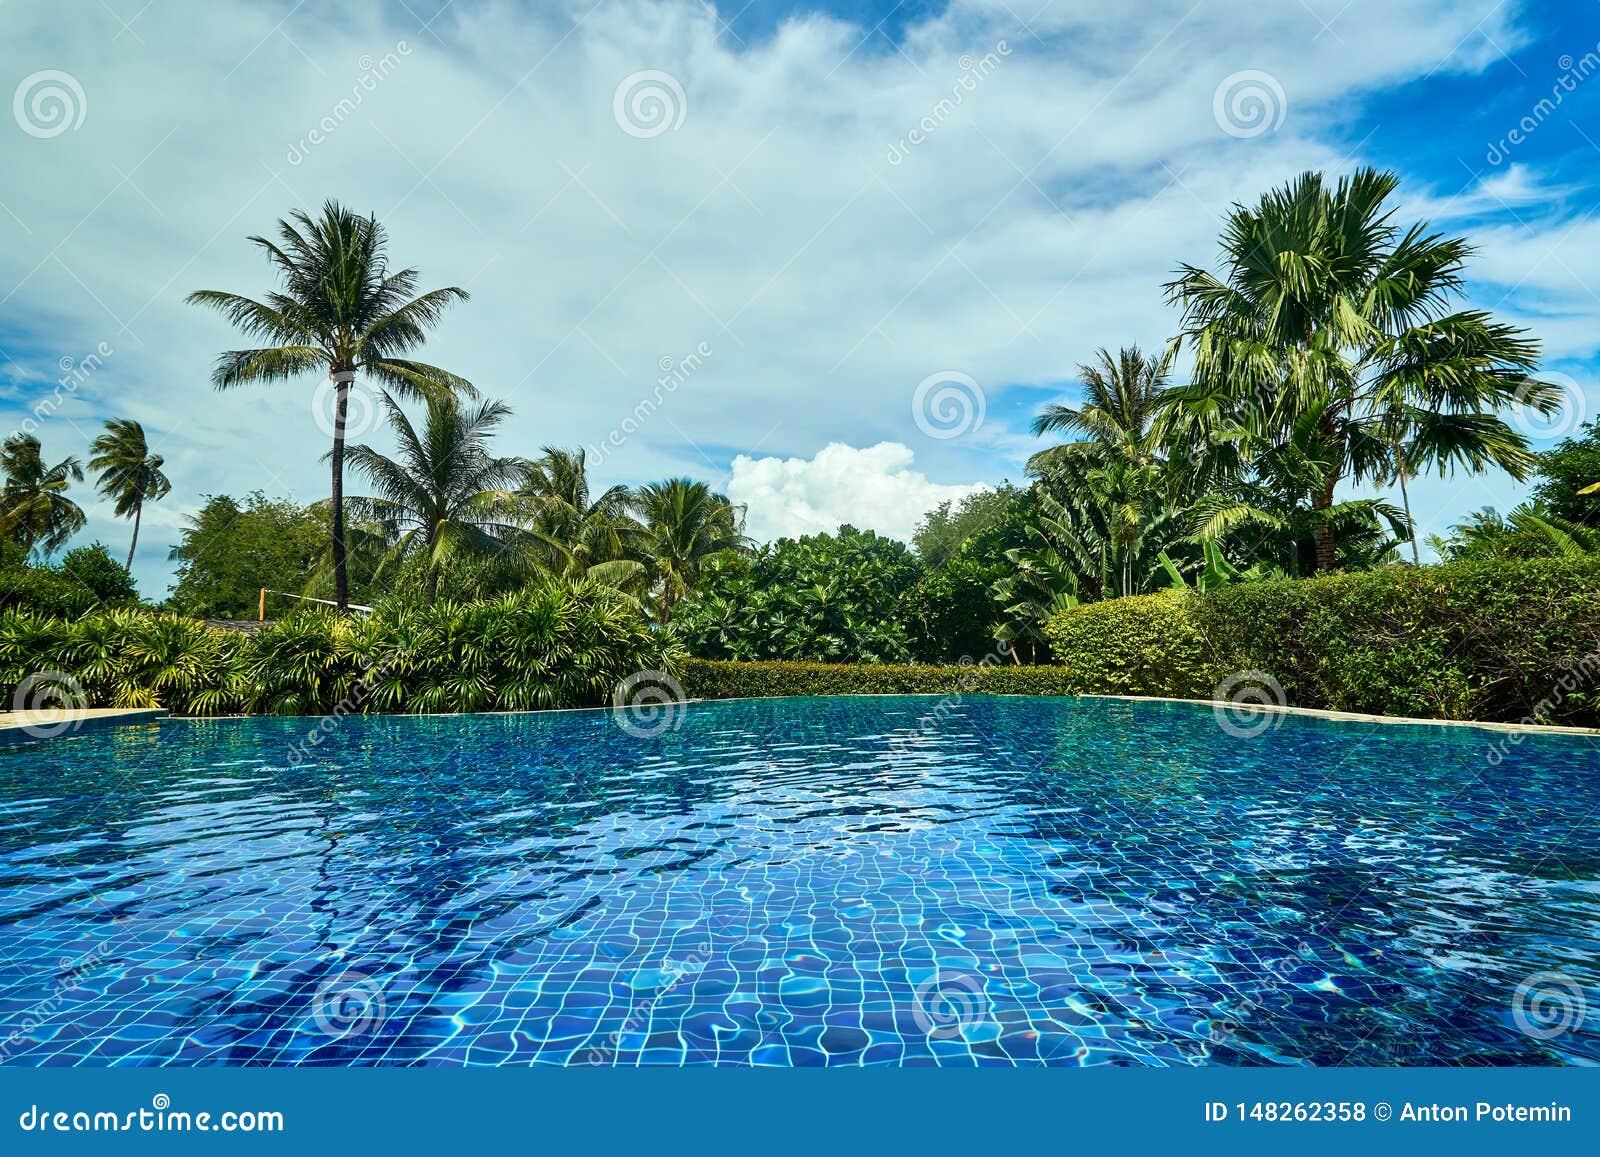 Outstandidng观点的游泳场在泰国